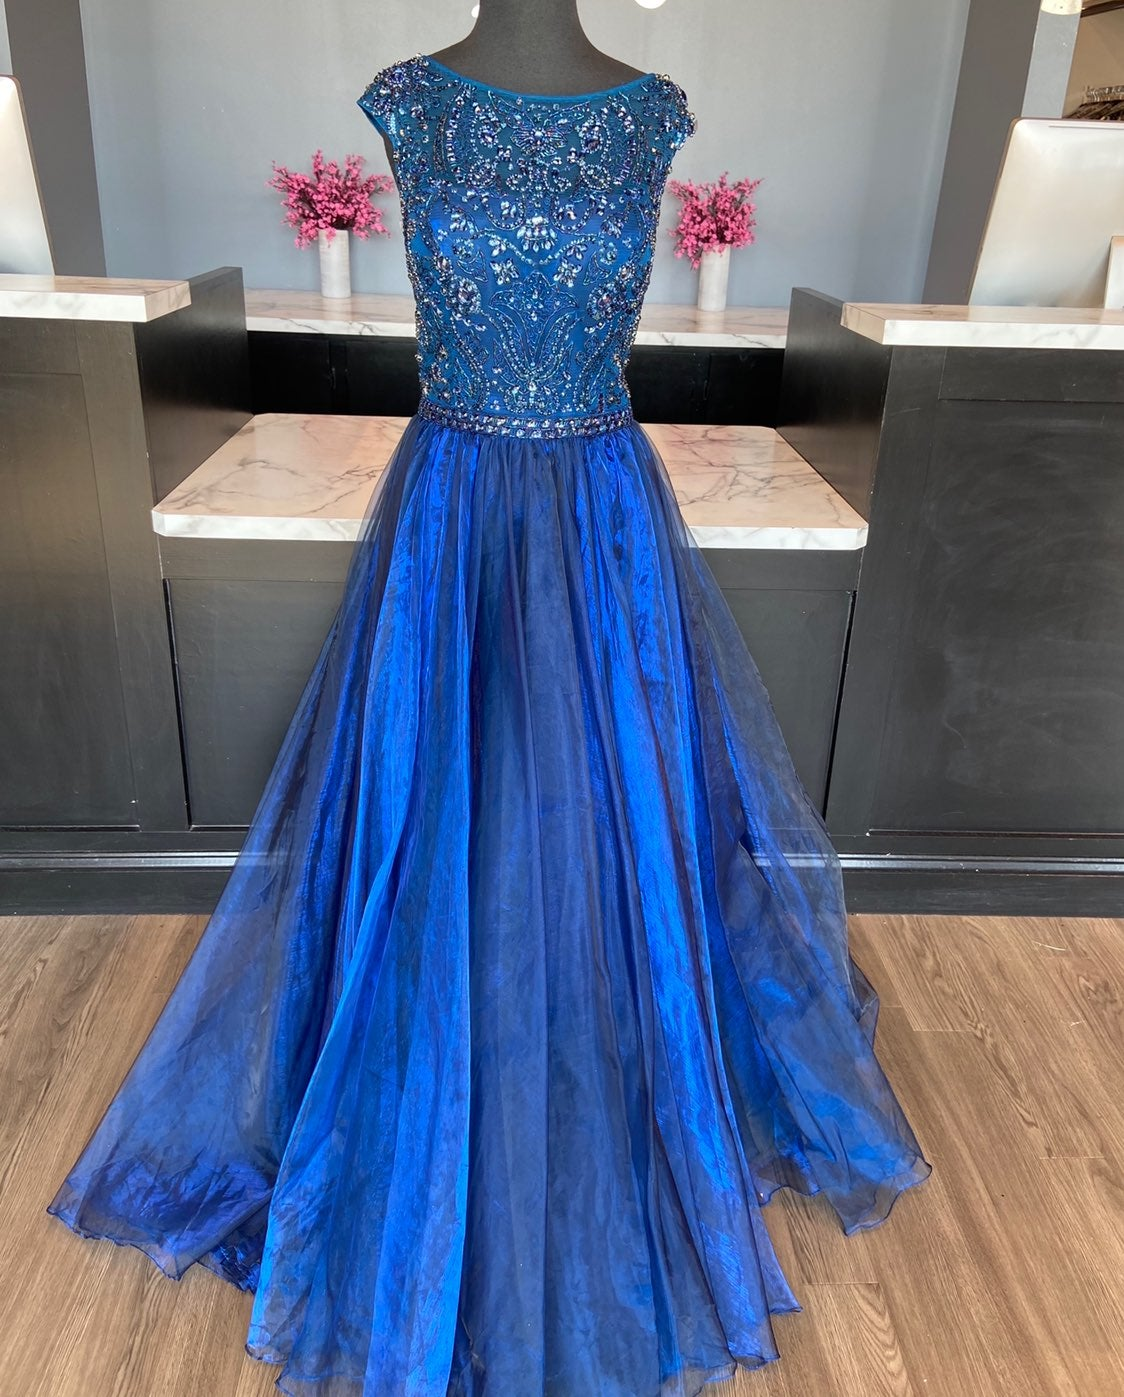 NWT Sherri Hill Dress